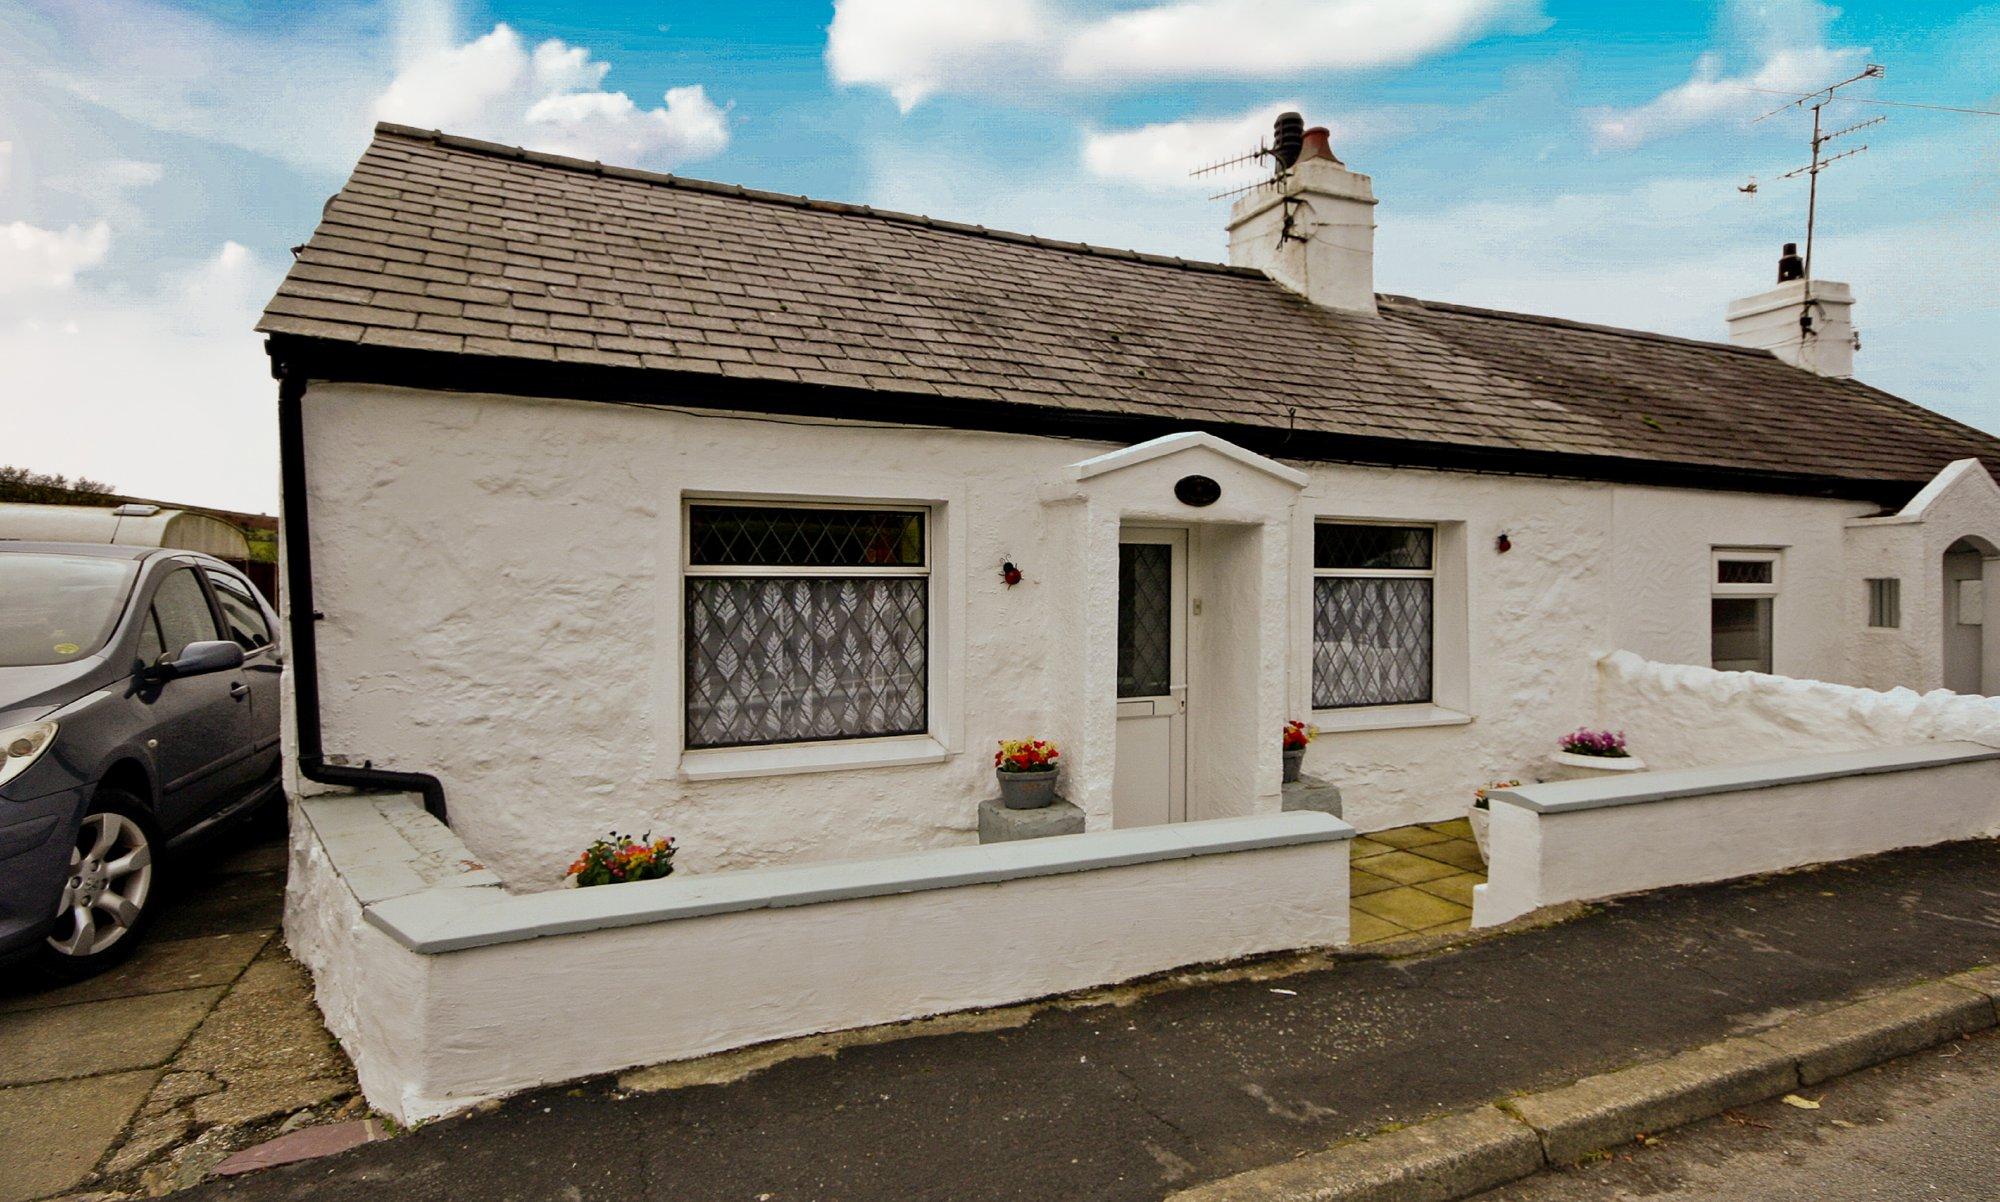 Waunfawr, Caernarfon, North Wales